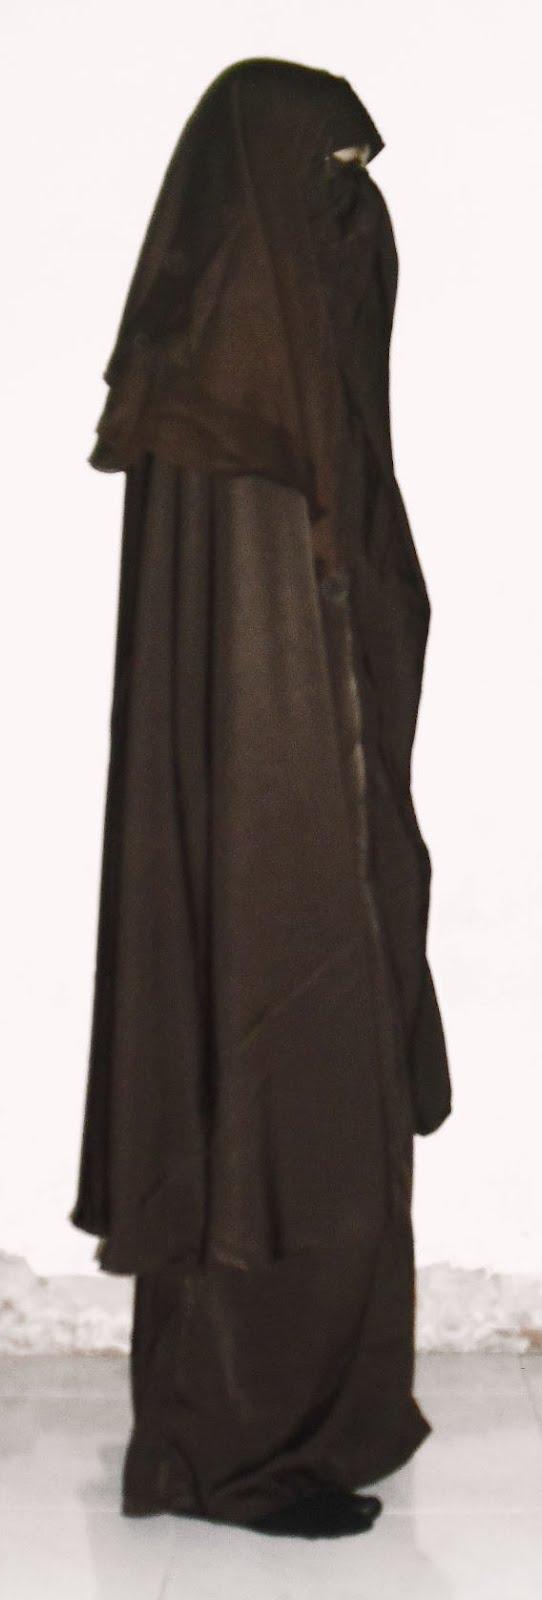 Jual Pakaian Muslim Dan Buku Stelan Jbh Jlb Cdr Rit Burdah